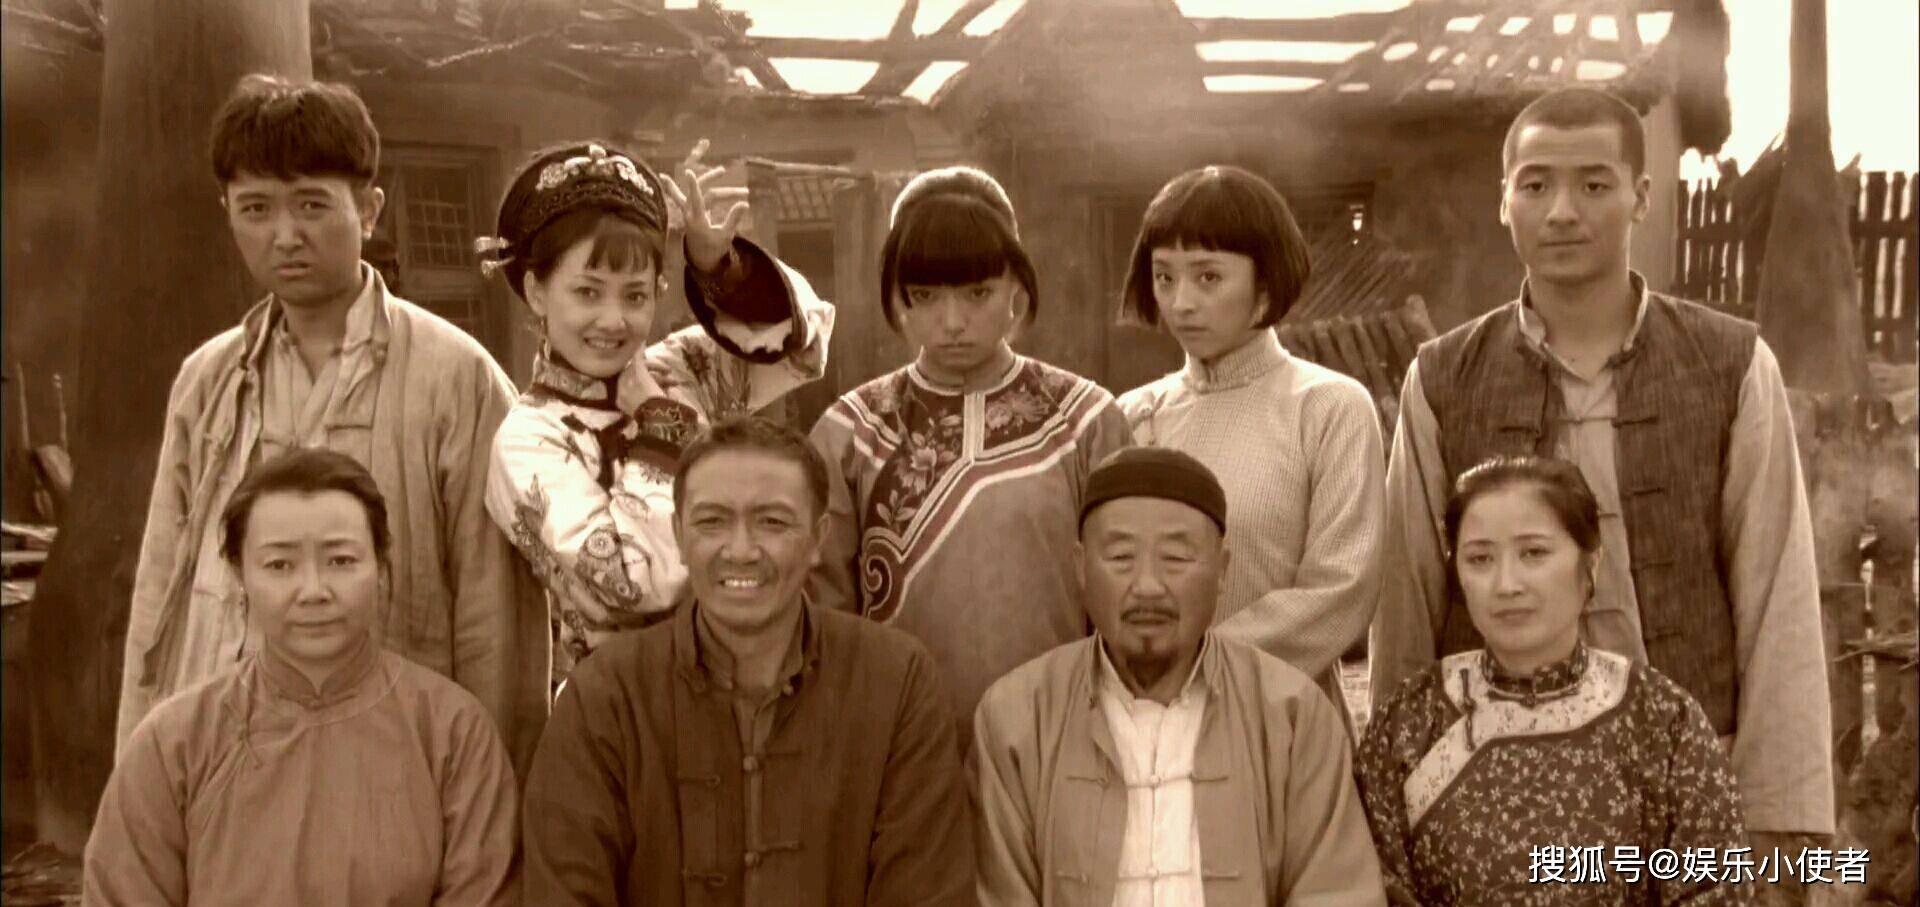 《闯关东》12年,李幼斌沉寂,朱亚文原地踏步,当初的龙套却火了